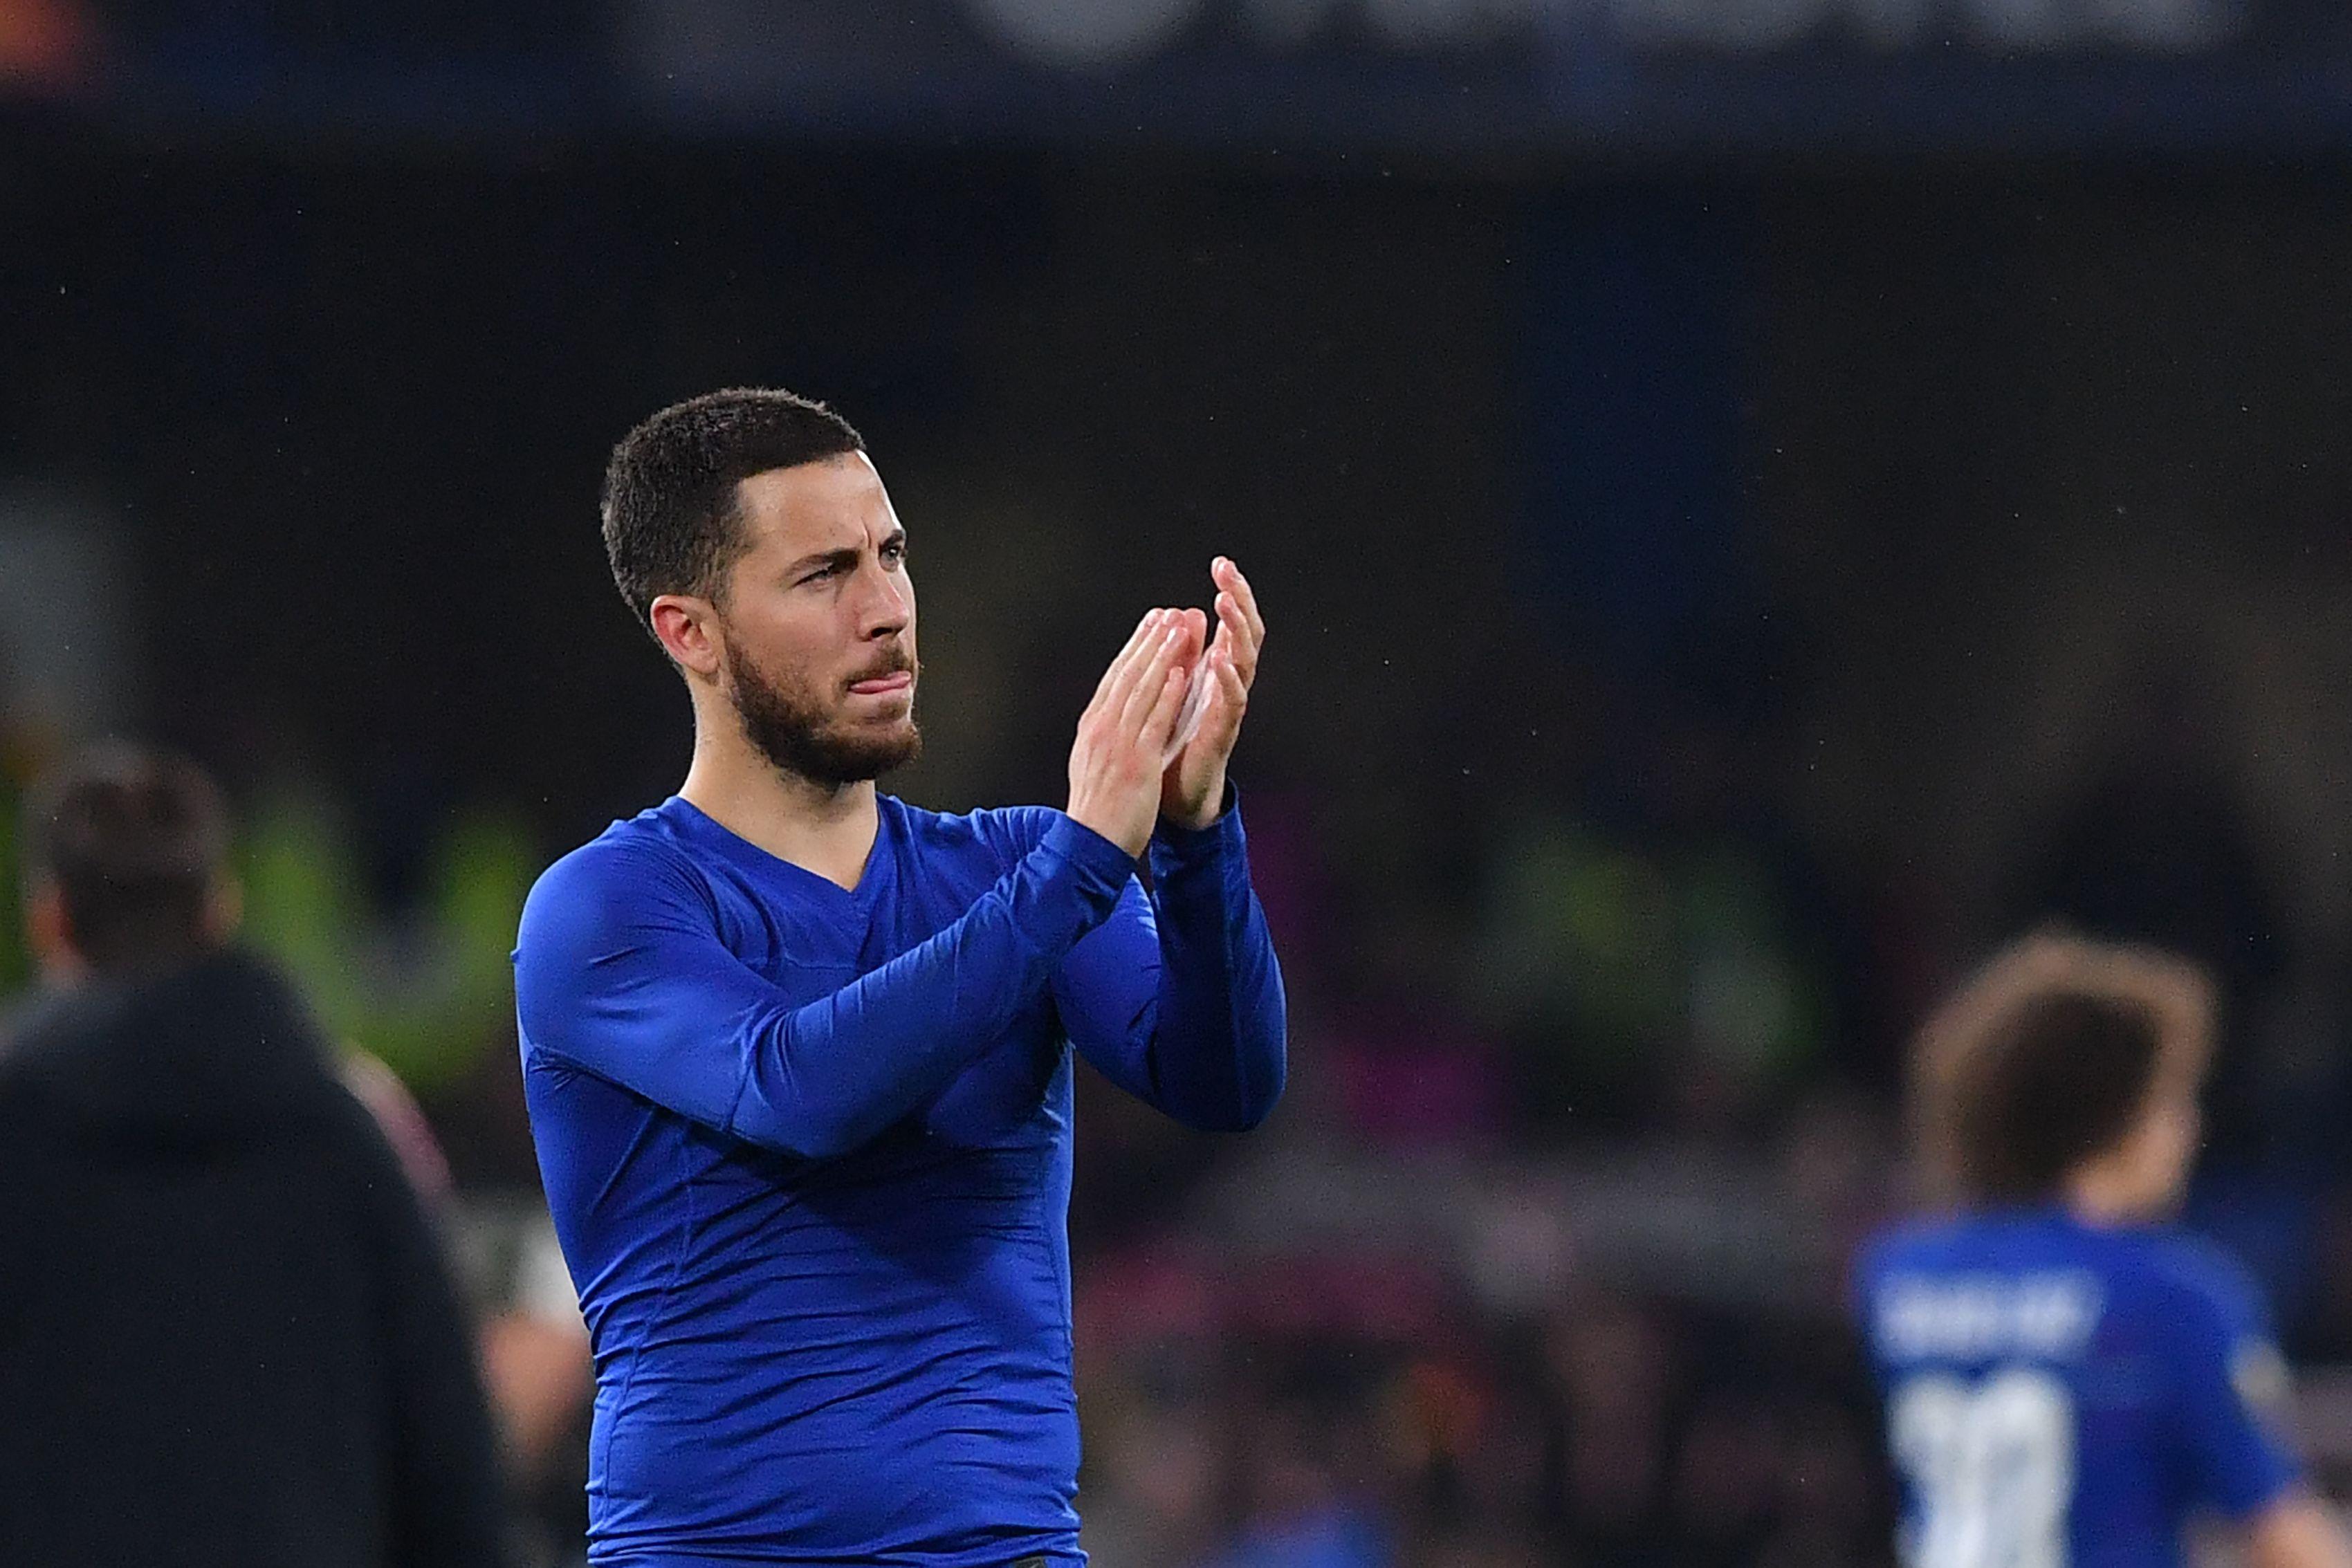 El belga Eden Hazard podría haber jugado su último partido de liga con el Chelsea. (Foto Prensa Libre AFP)